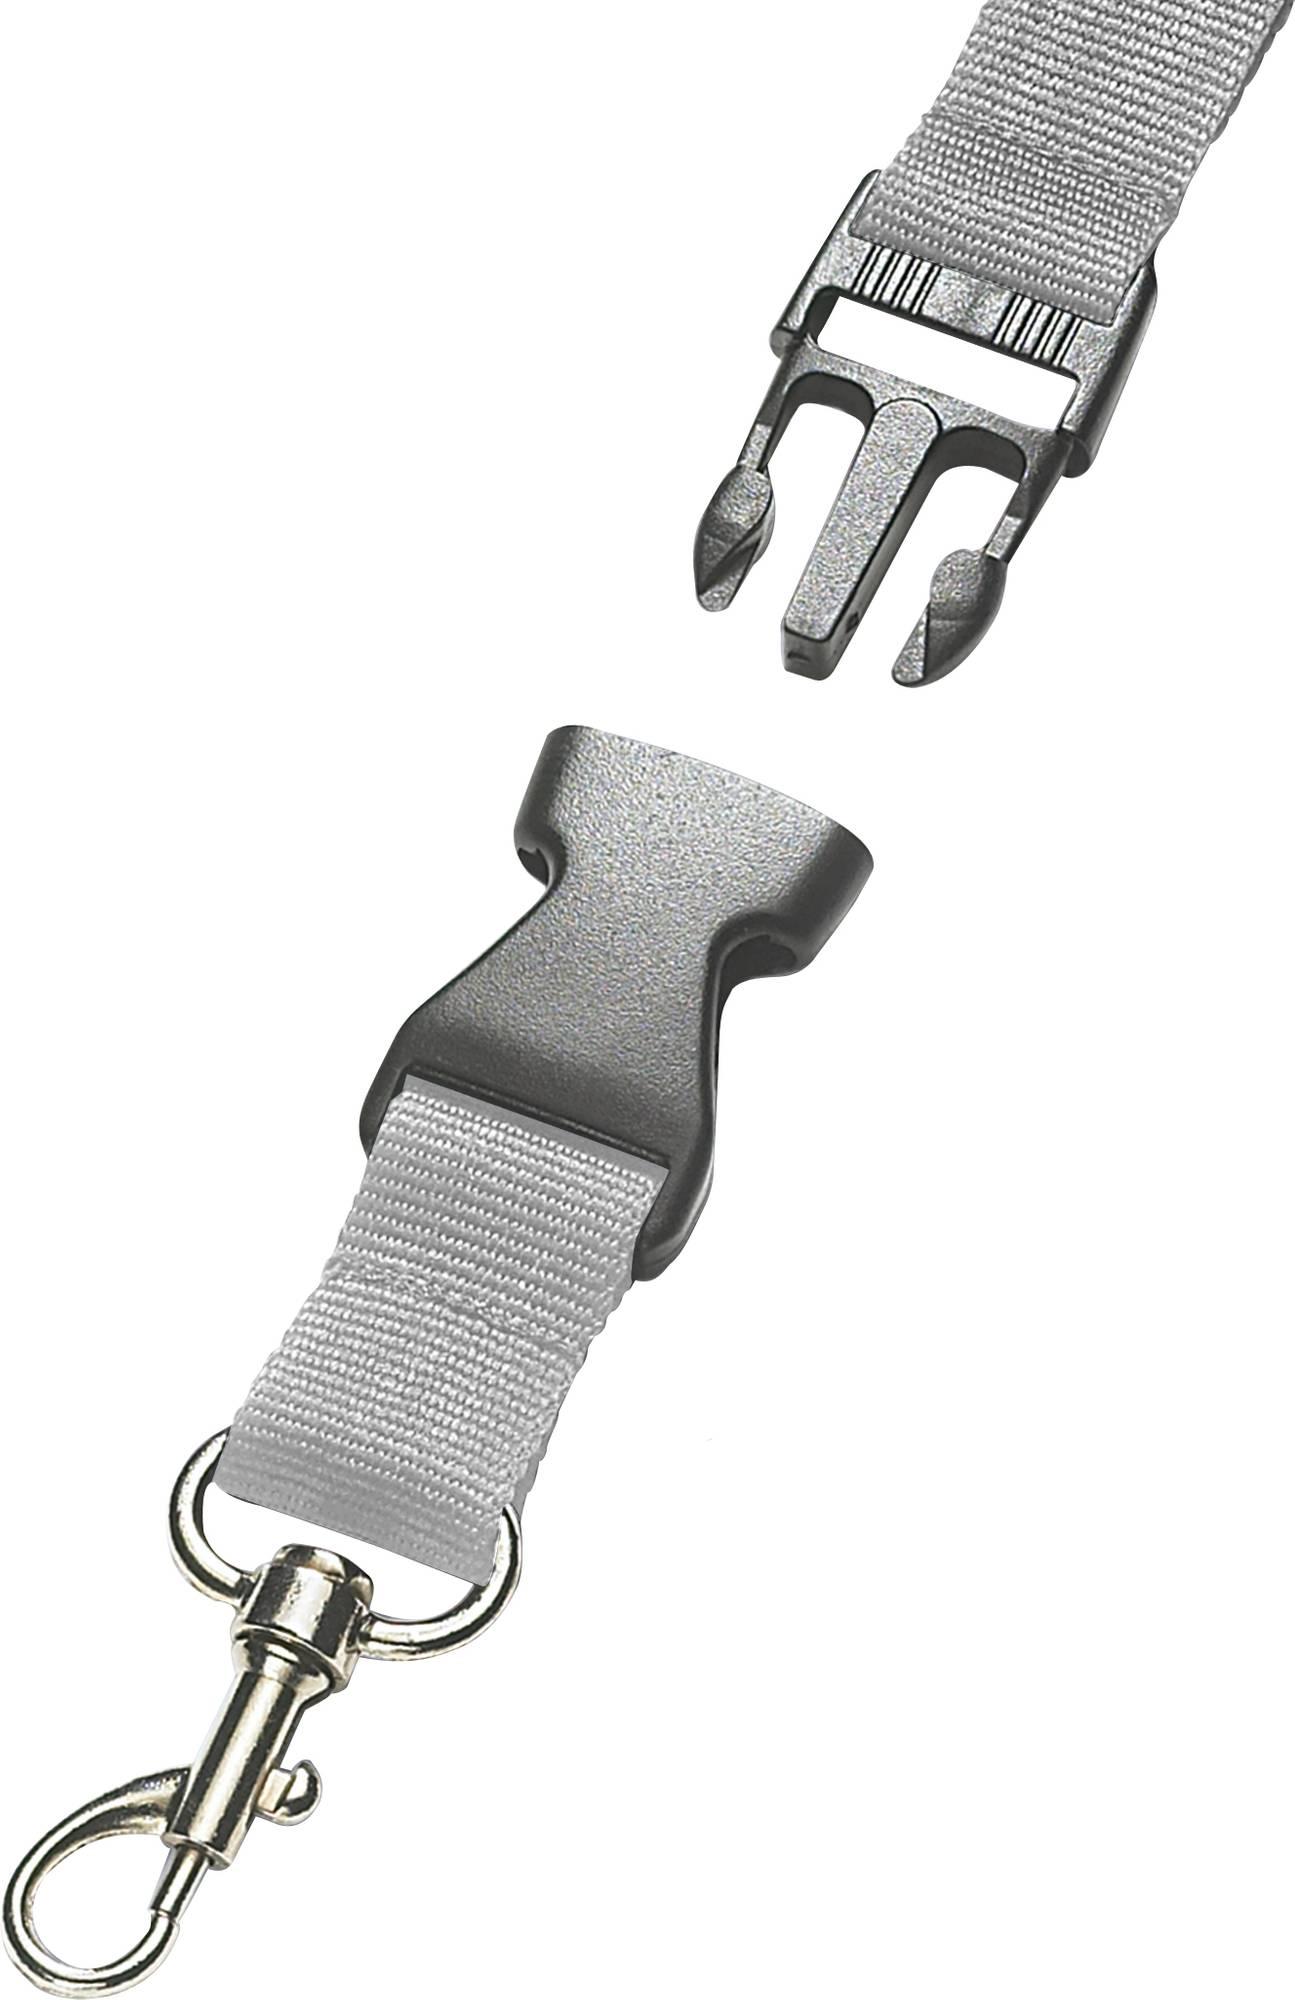 25mm langes Umhängeband mit Steckverschluss